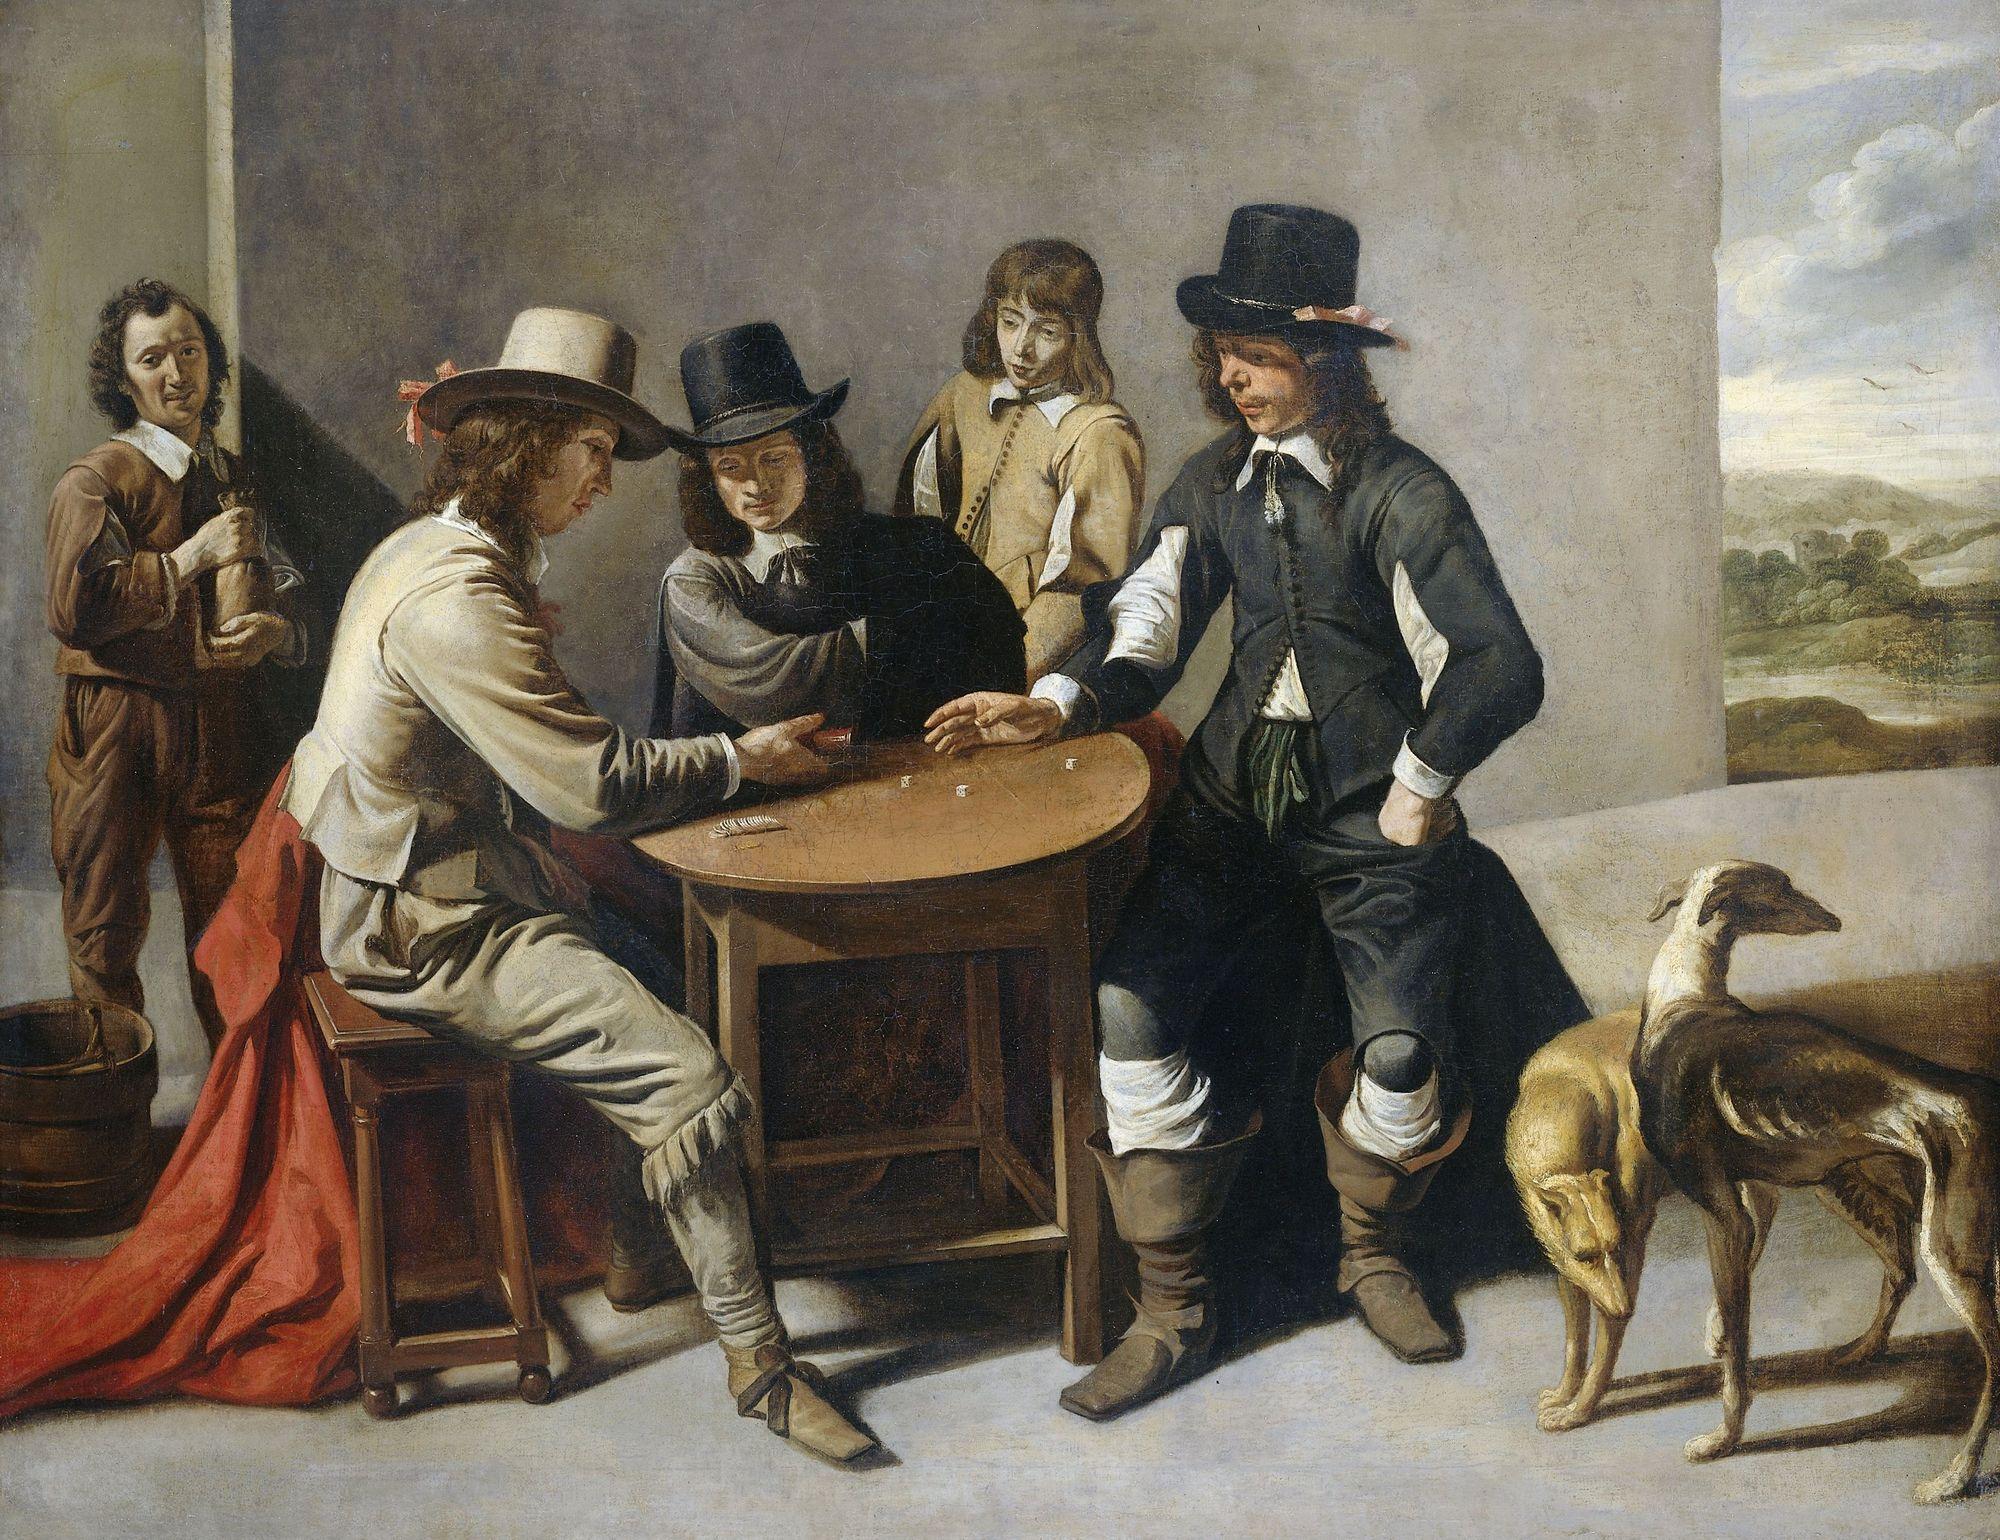 Le Cours de l'Histoire donne rendez-vous aux jeux de hasard et d'argent